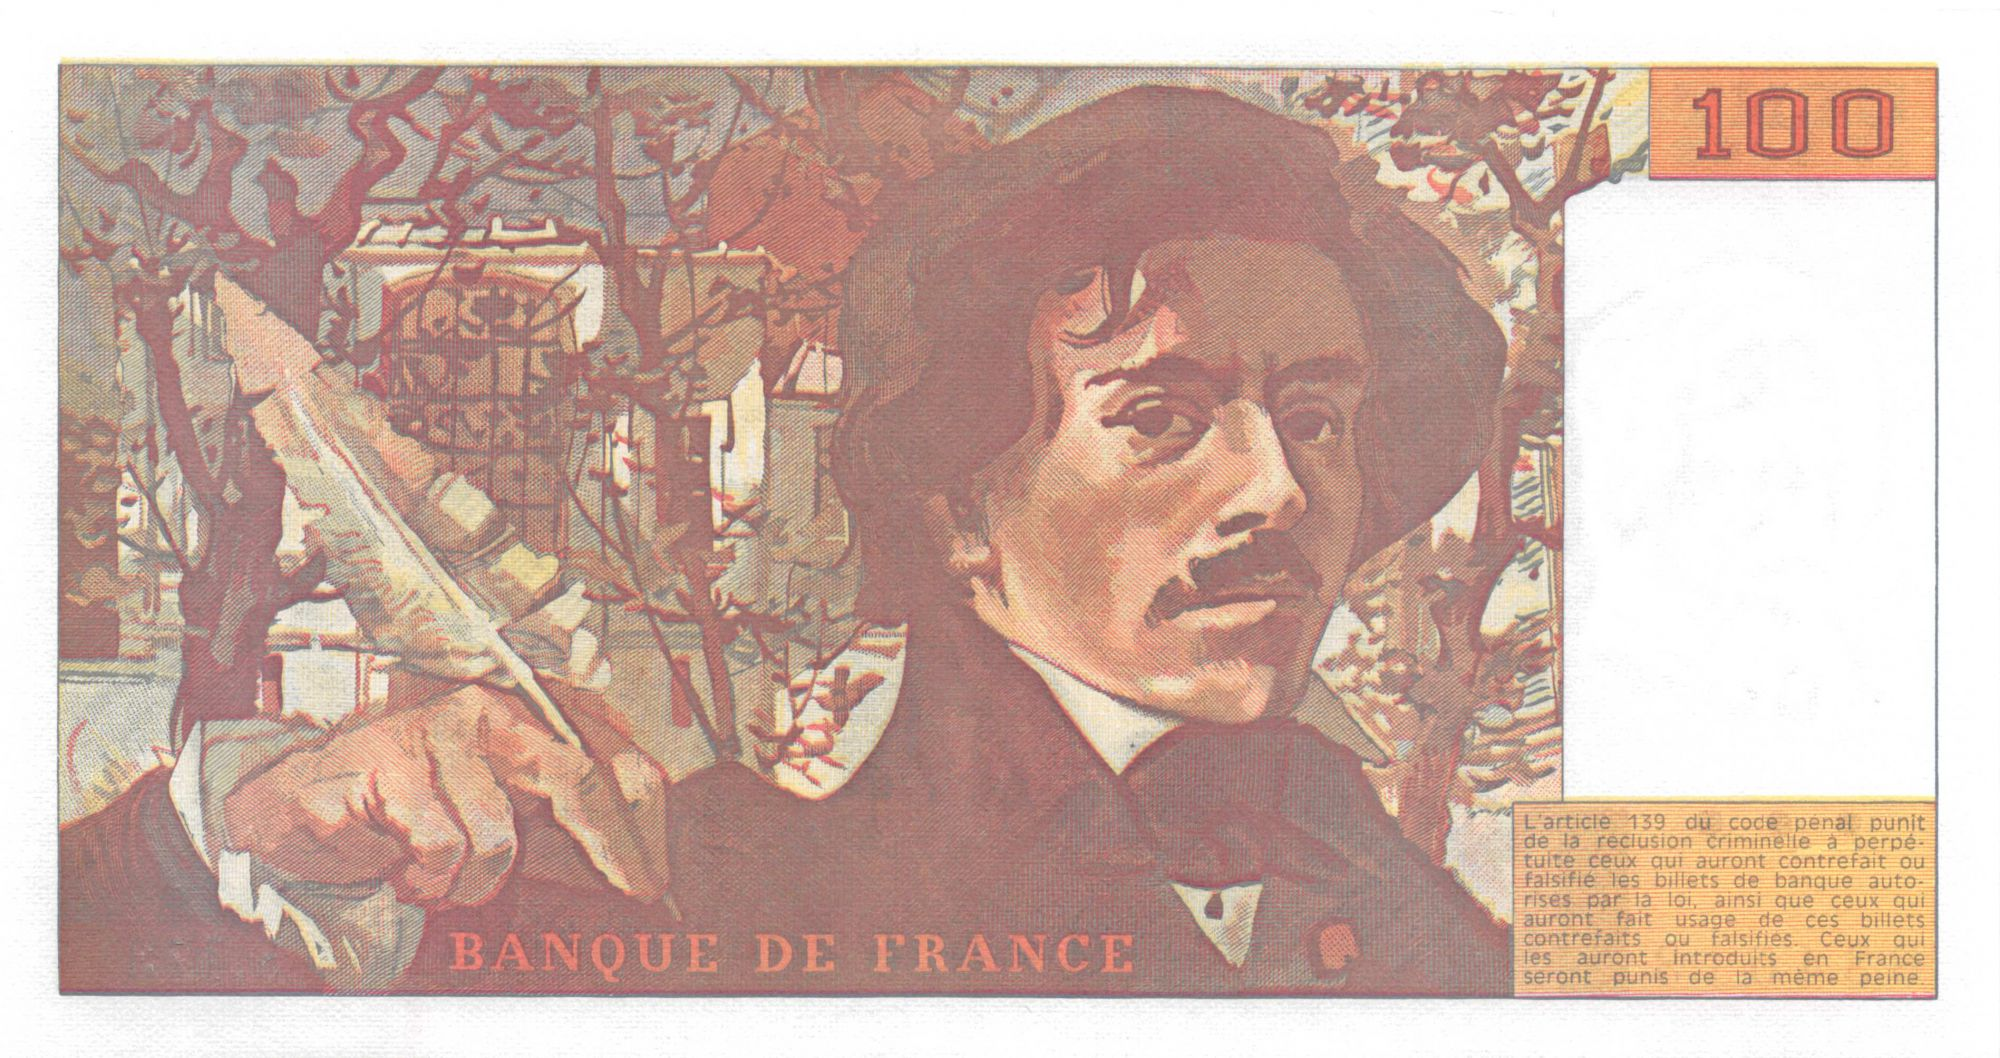 France 100 Francs Delacroix - 1990 Série S.173 - P.NEUF